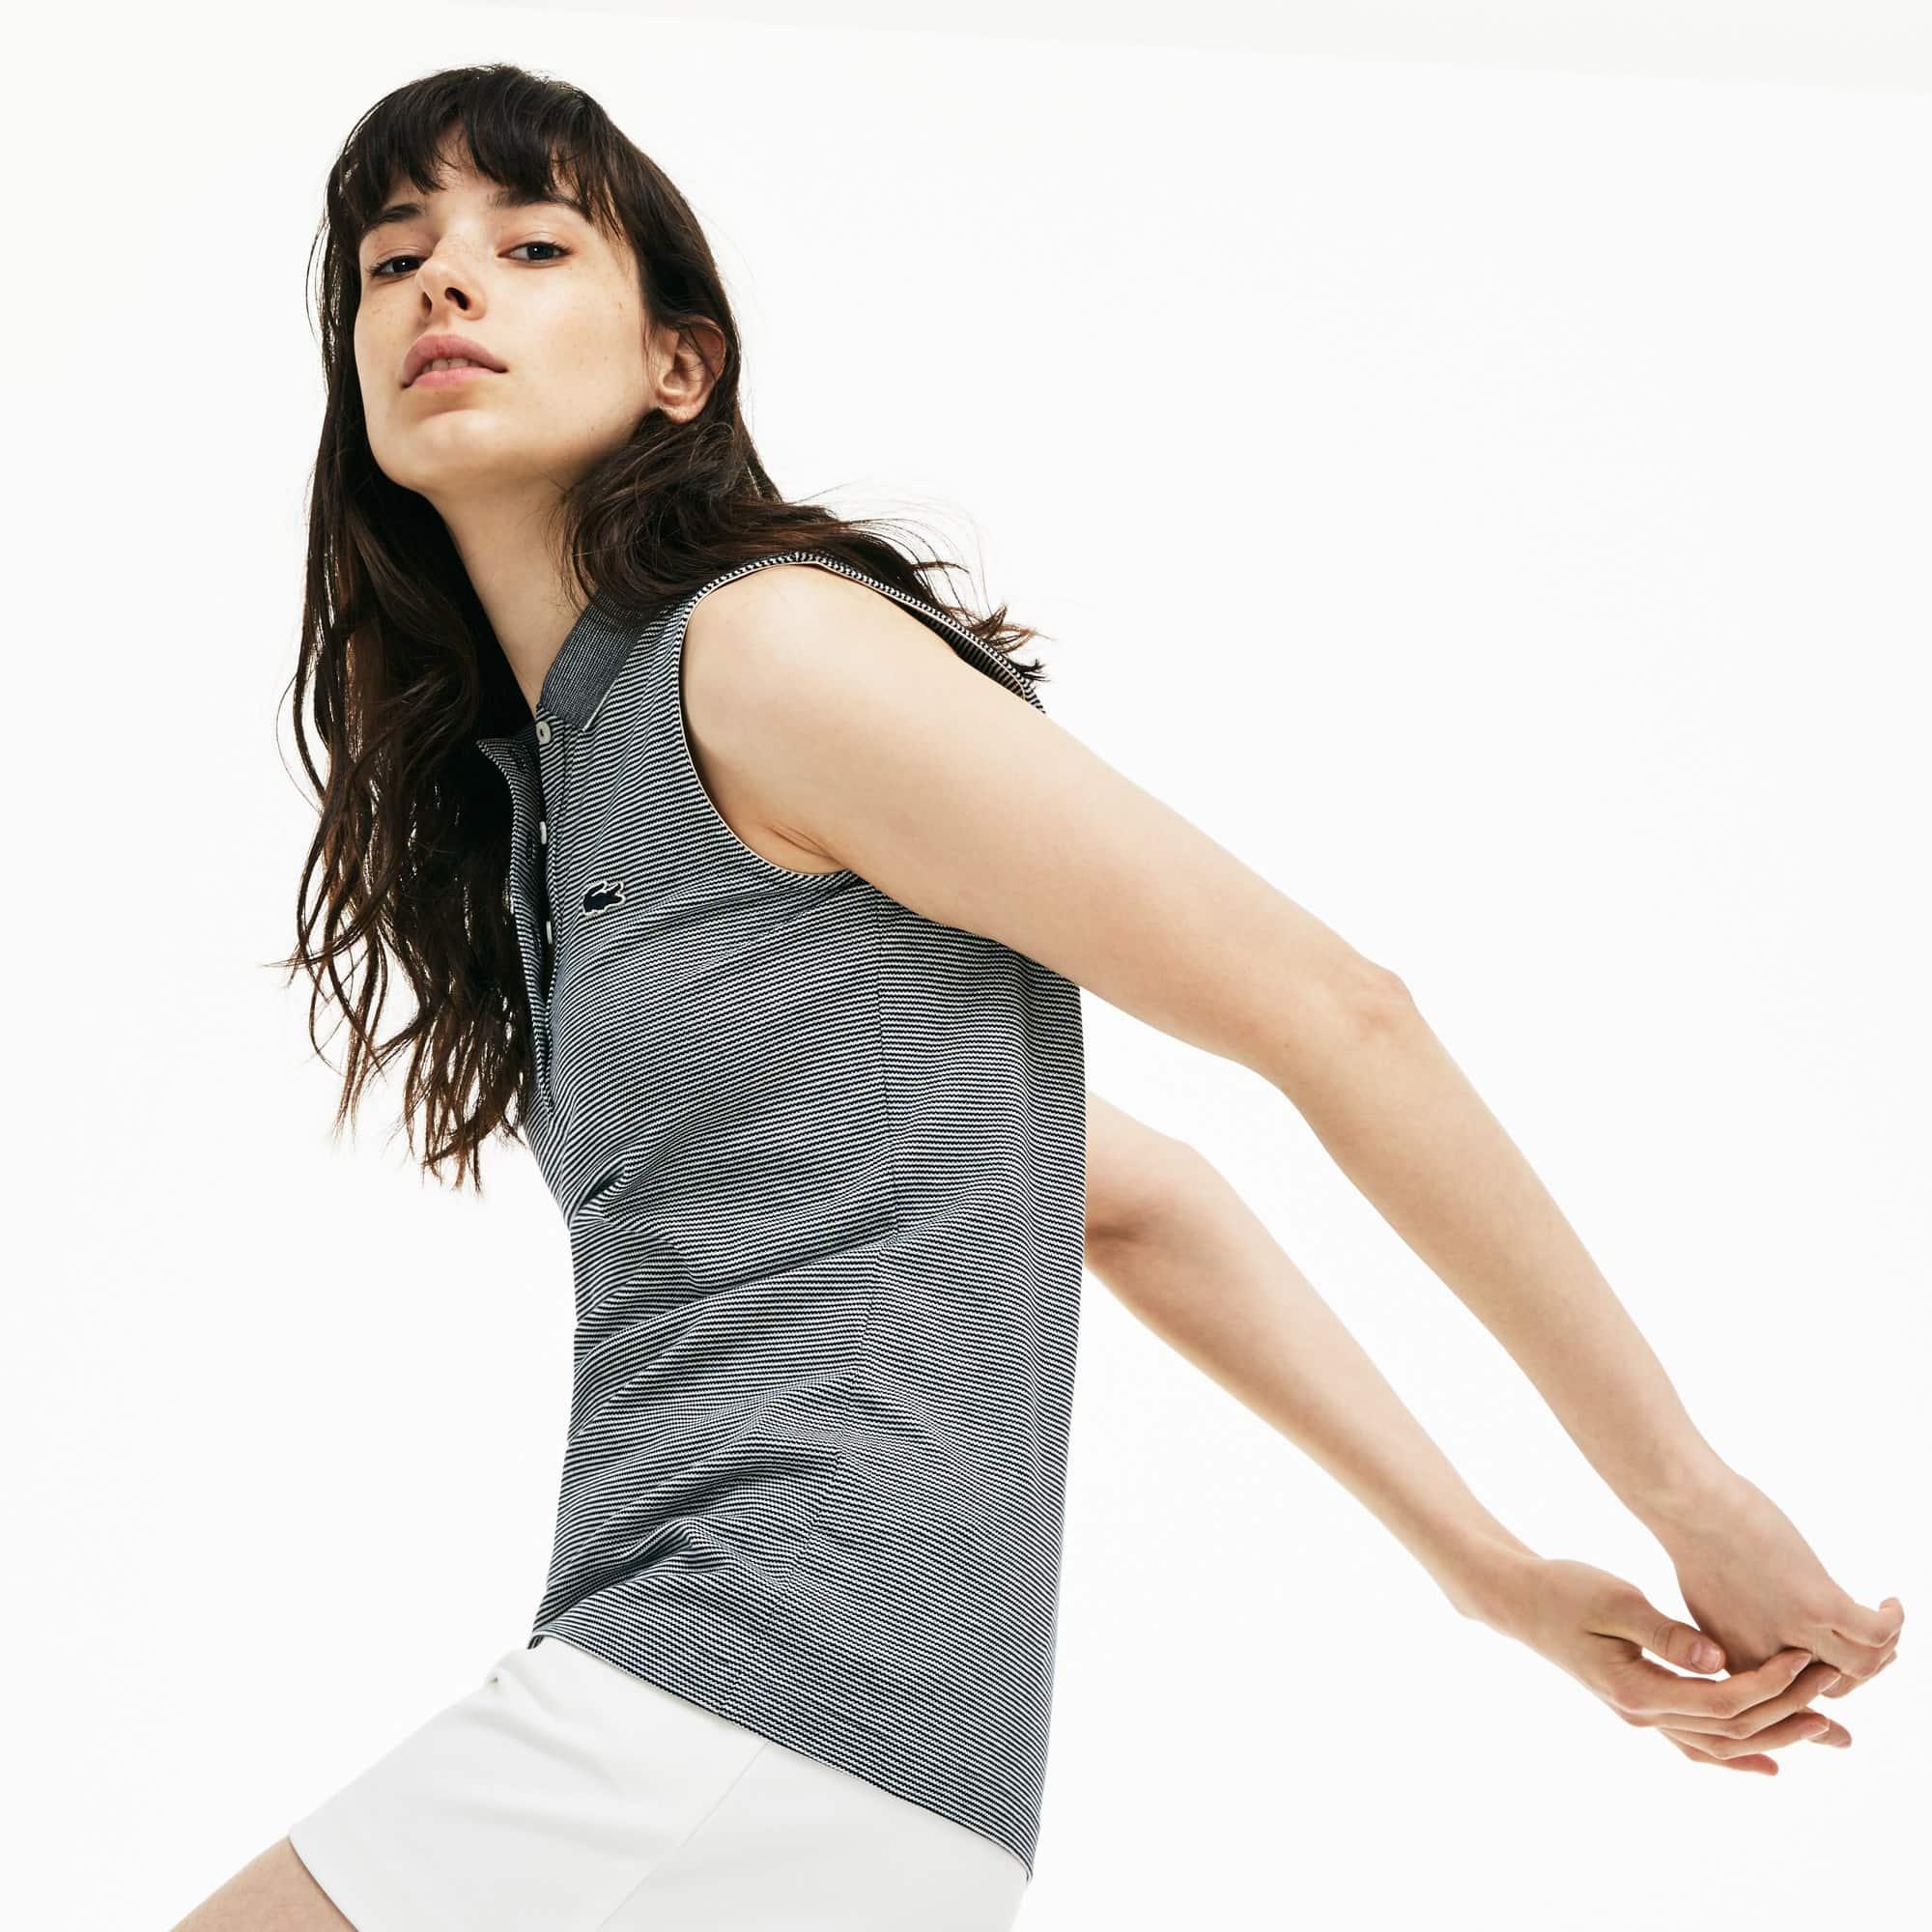 Polo slim fit Lacoste senza maniche in mini piqué stretch millerighe